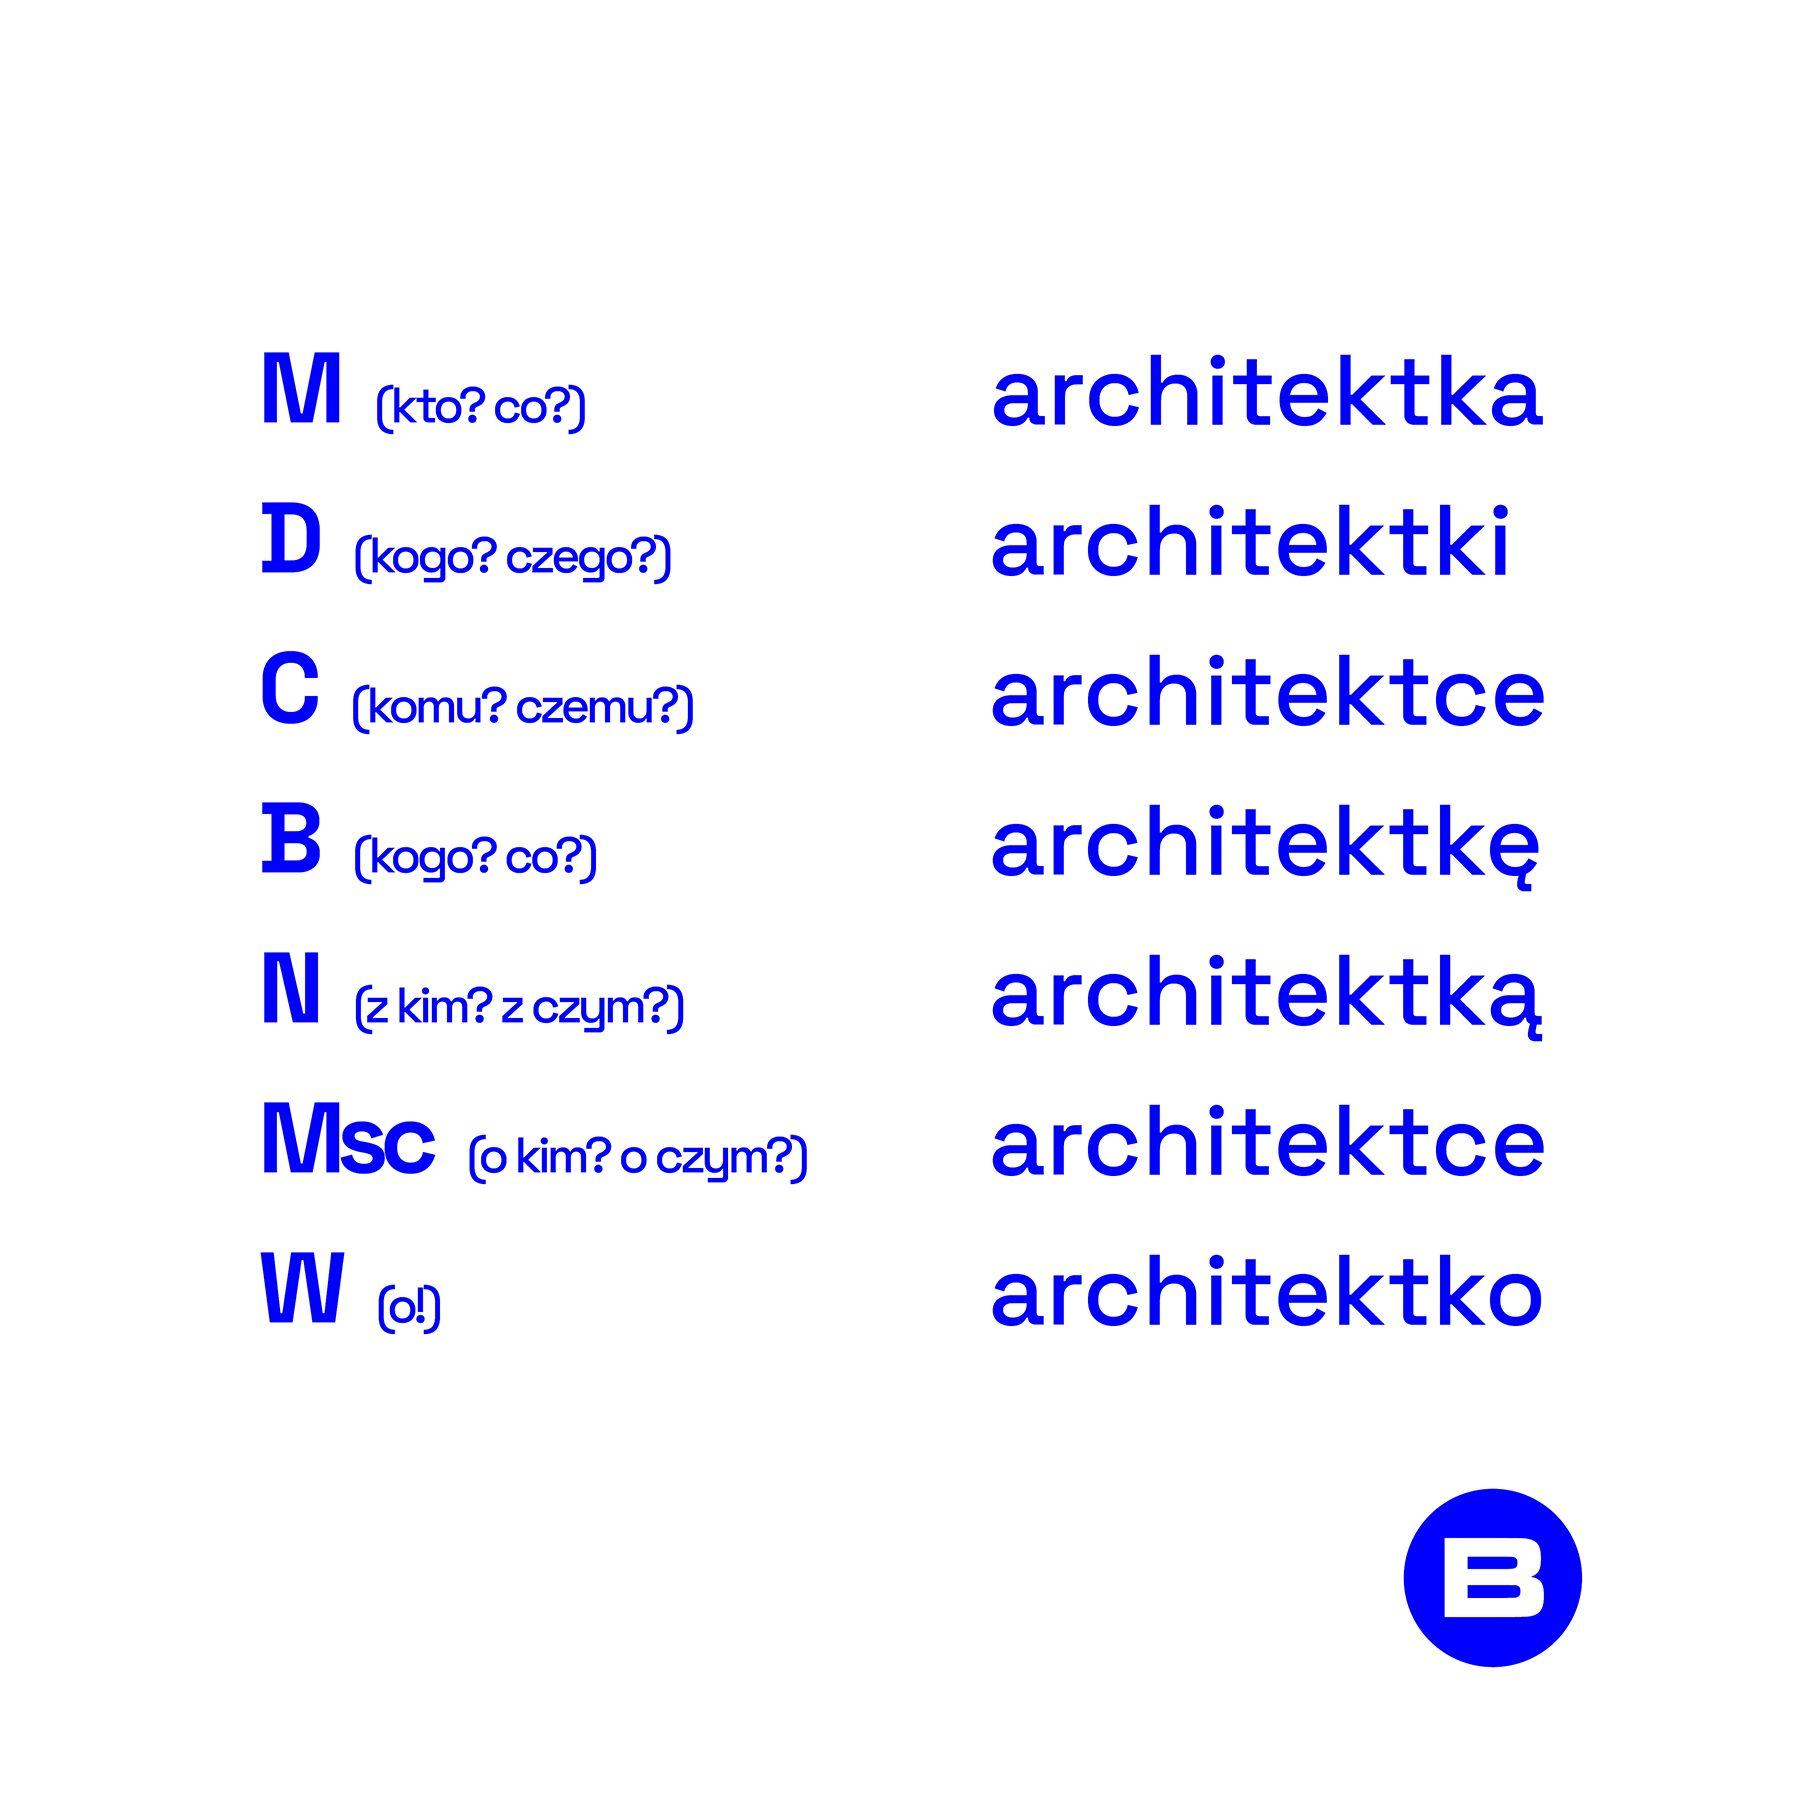 BAL_architektek_designalive-4